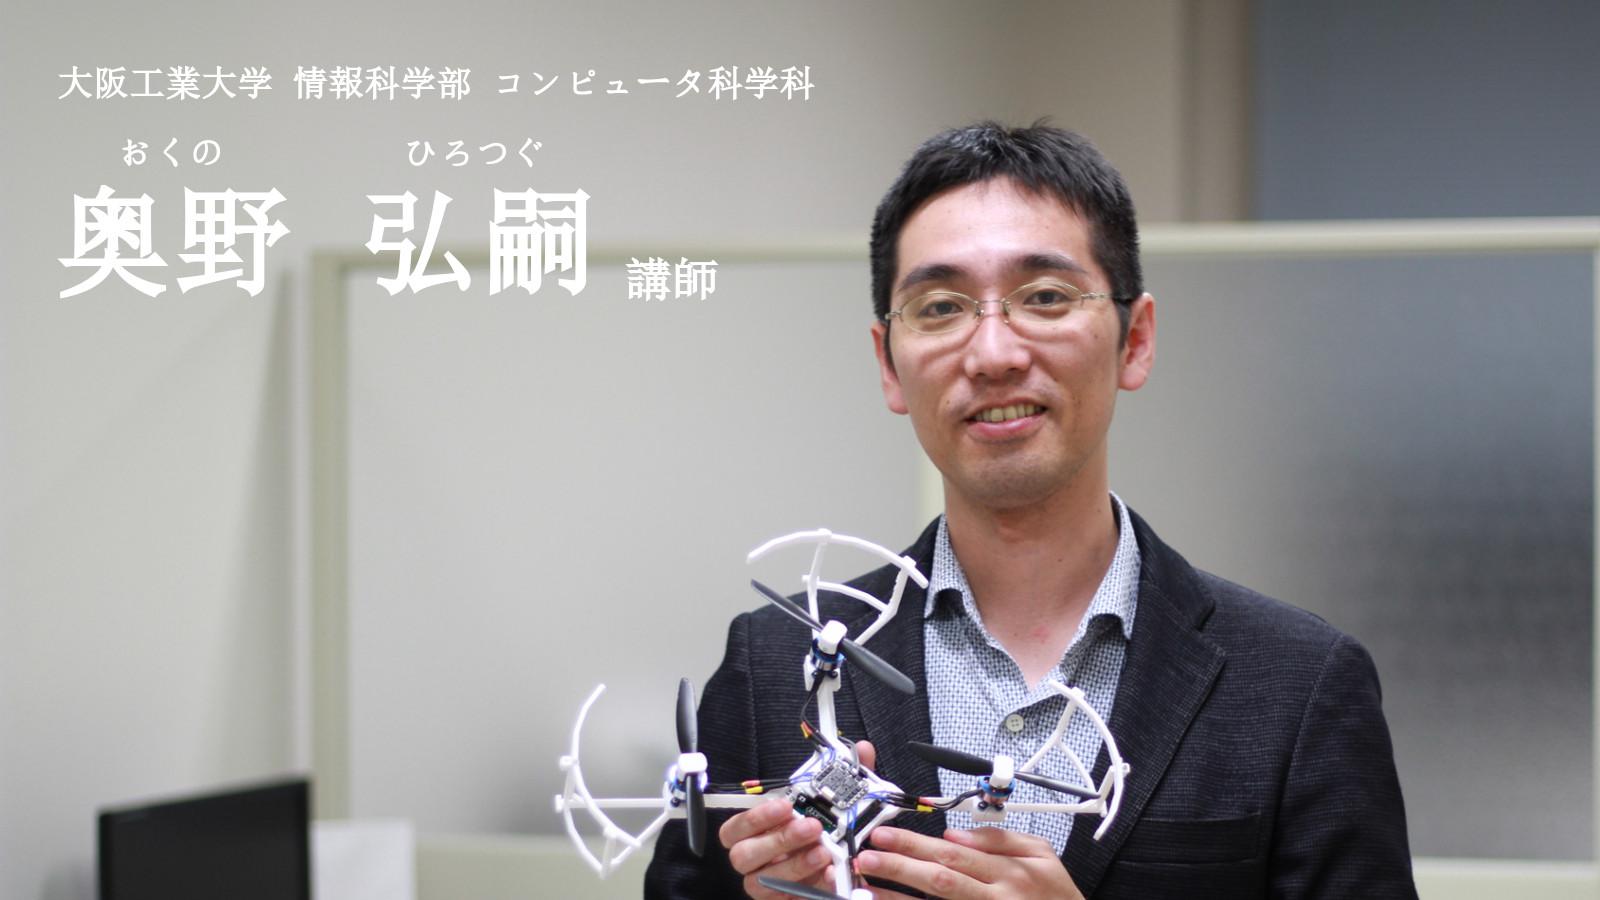 昆虫に倣え!?学問の際(きわ)で奮闘する、若手研究者が見据える次世代ロボットビジョン。